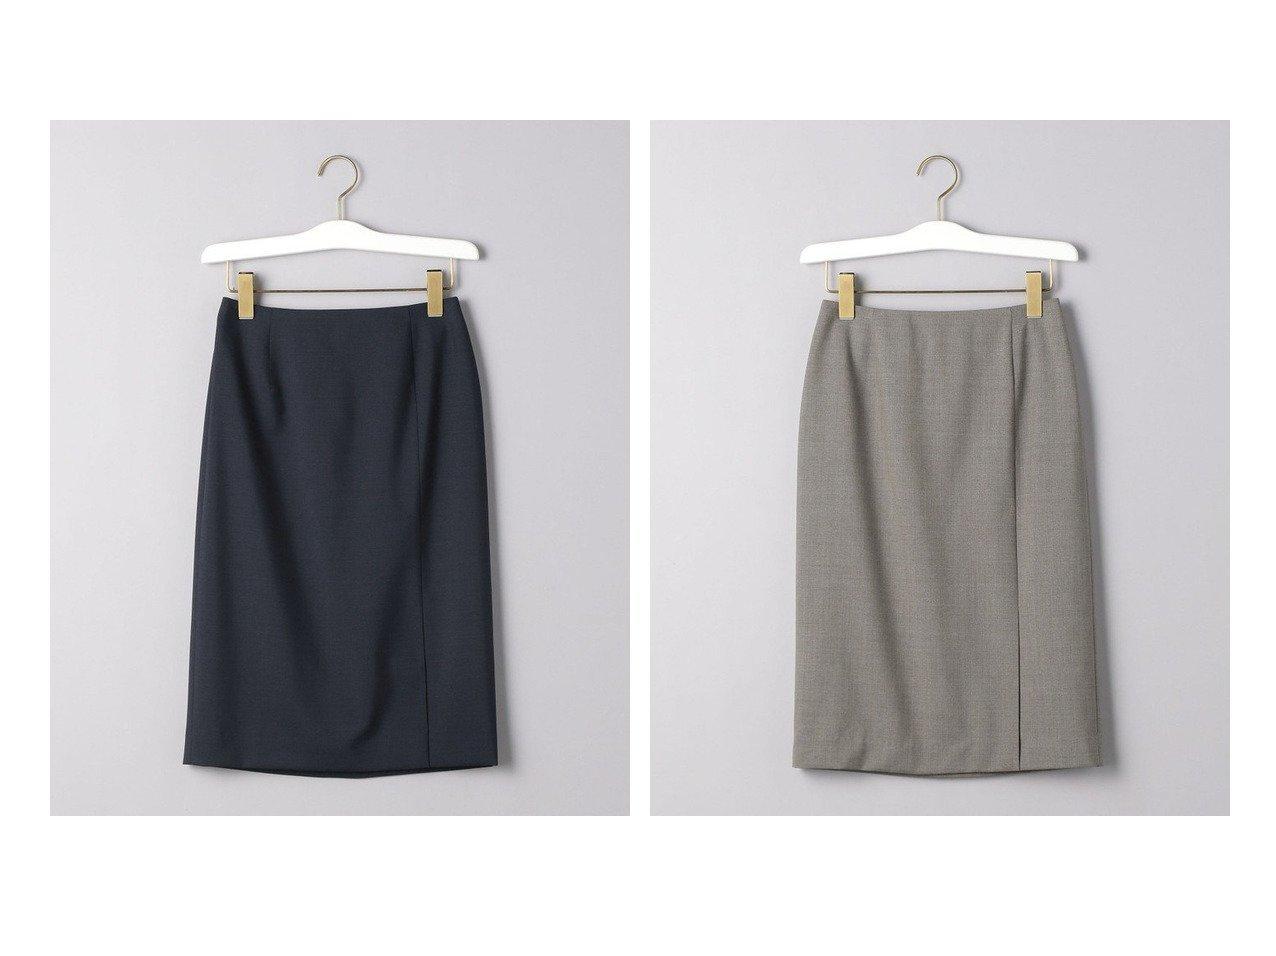 【UNITED ARROWS/ユナイテッドアローズ】のUPC CANONICO タイトスカート スカートのおすすめ!人気、トレンド・レディースファッションの通販 おすすめで人気の流行・トレンド、ファッションの通販商品 メンズファッション・キッズファッション・インテリア・家具・レディースファッション・服の通販 founy(ファニー) https://founy.com/ ファッション Fashion レディースファッション WOMEN スカート Skirt Aライン/フレアスカート Flared A-Line Skirts NEW・新作・新着・新入荷 New Arrivals イタリア タイトスカート  ID:crp329100000023299